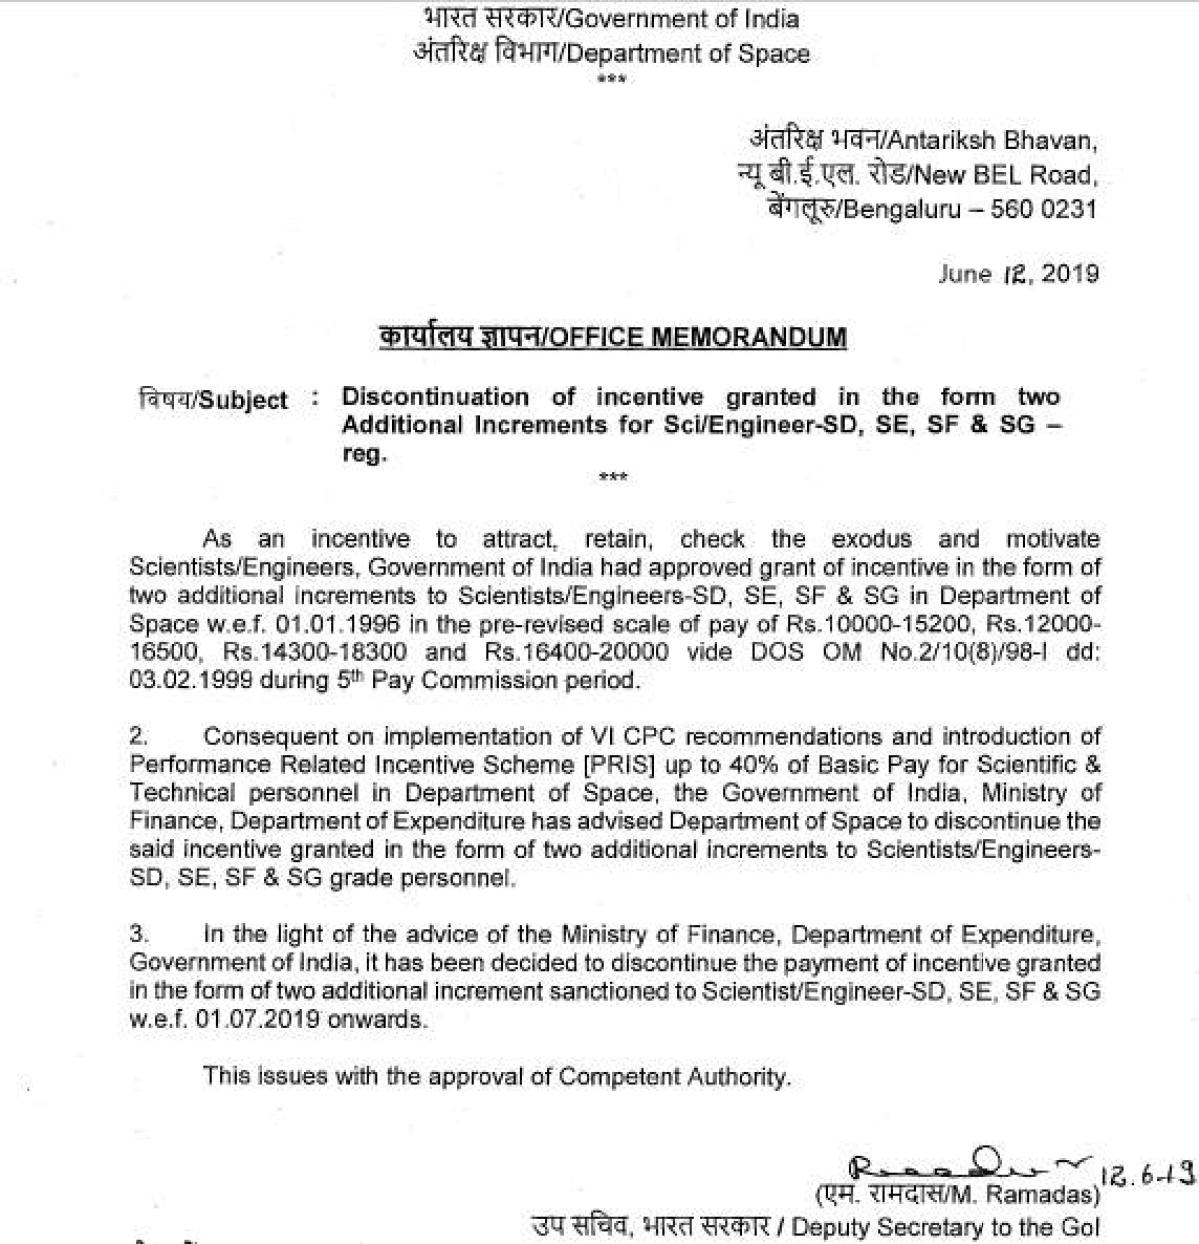 भारत सरकार का मेमोरेंडम